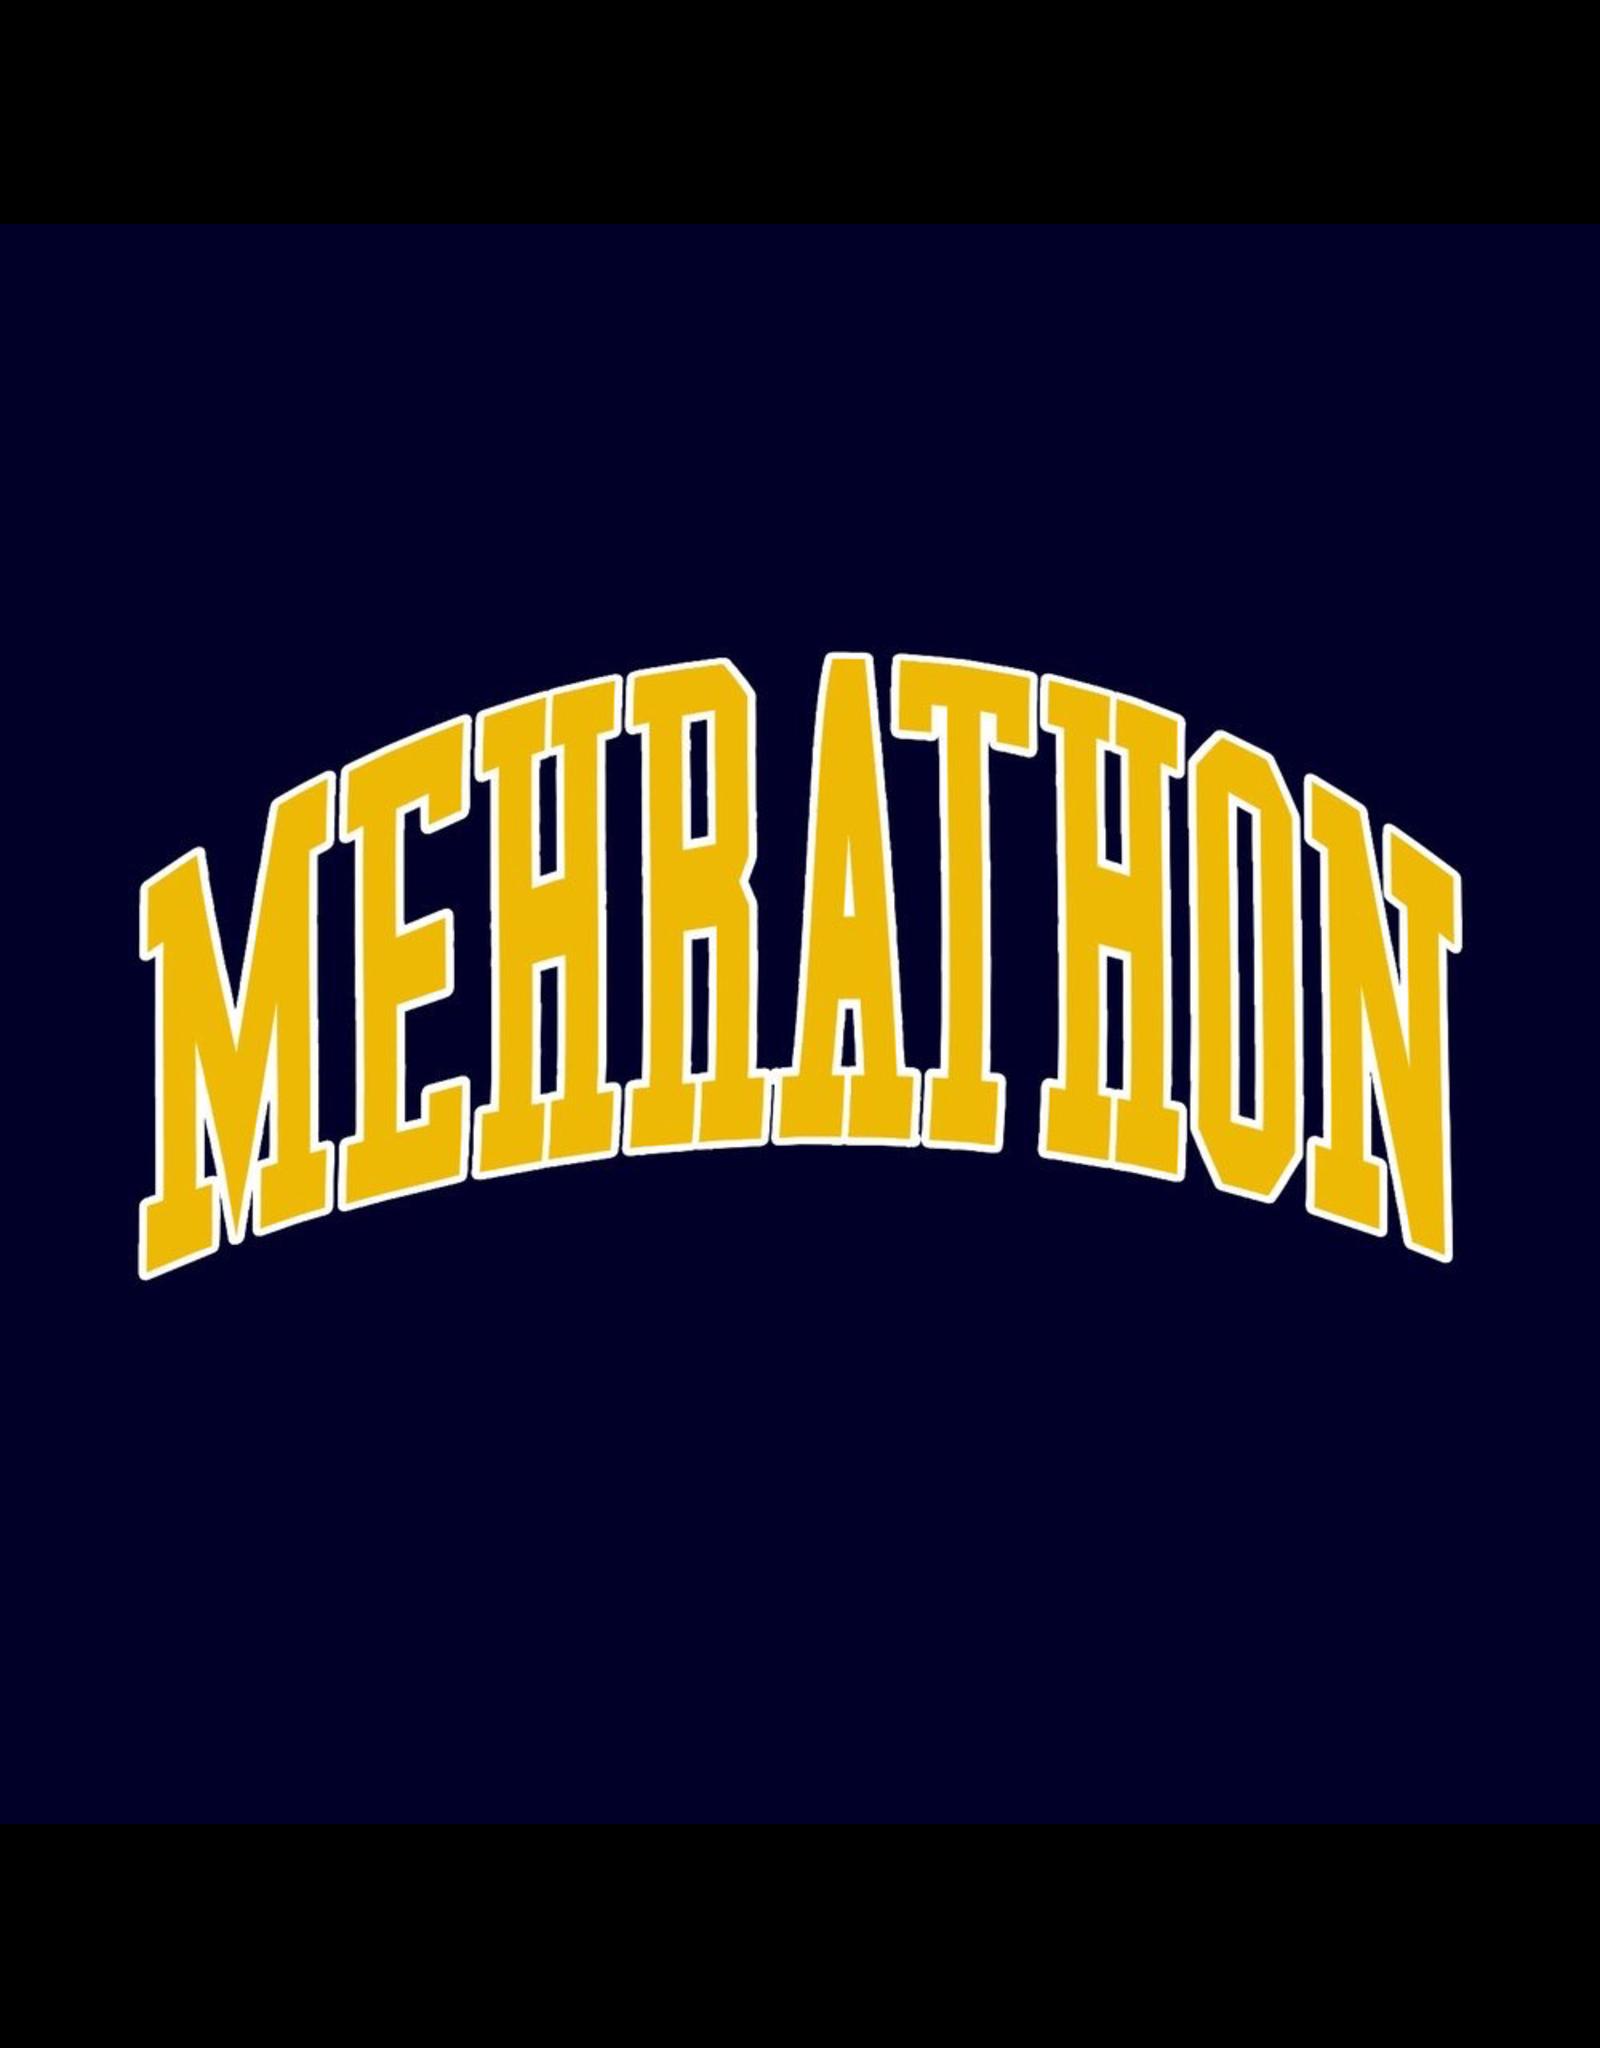 Mehrathon College Drop Out Crewneck